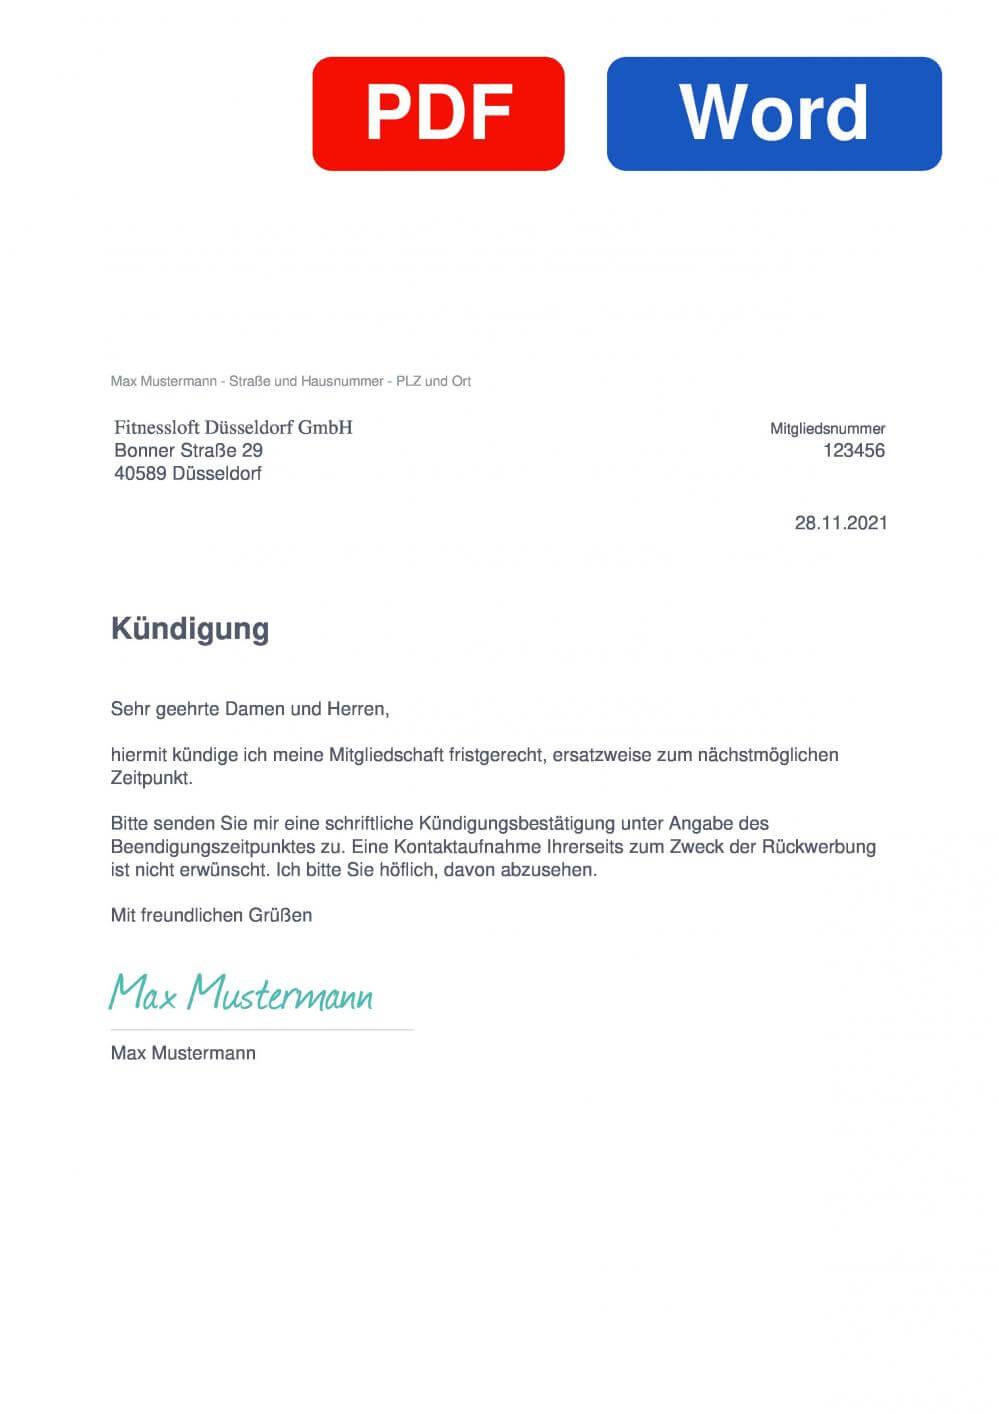 FitnessLOFT Düsseldorf Muster Vorlage für Kündigungsschreiben